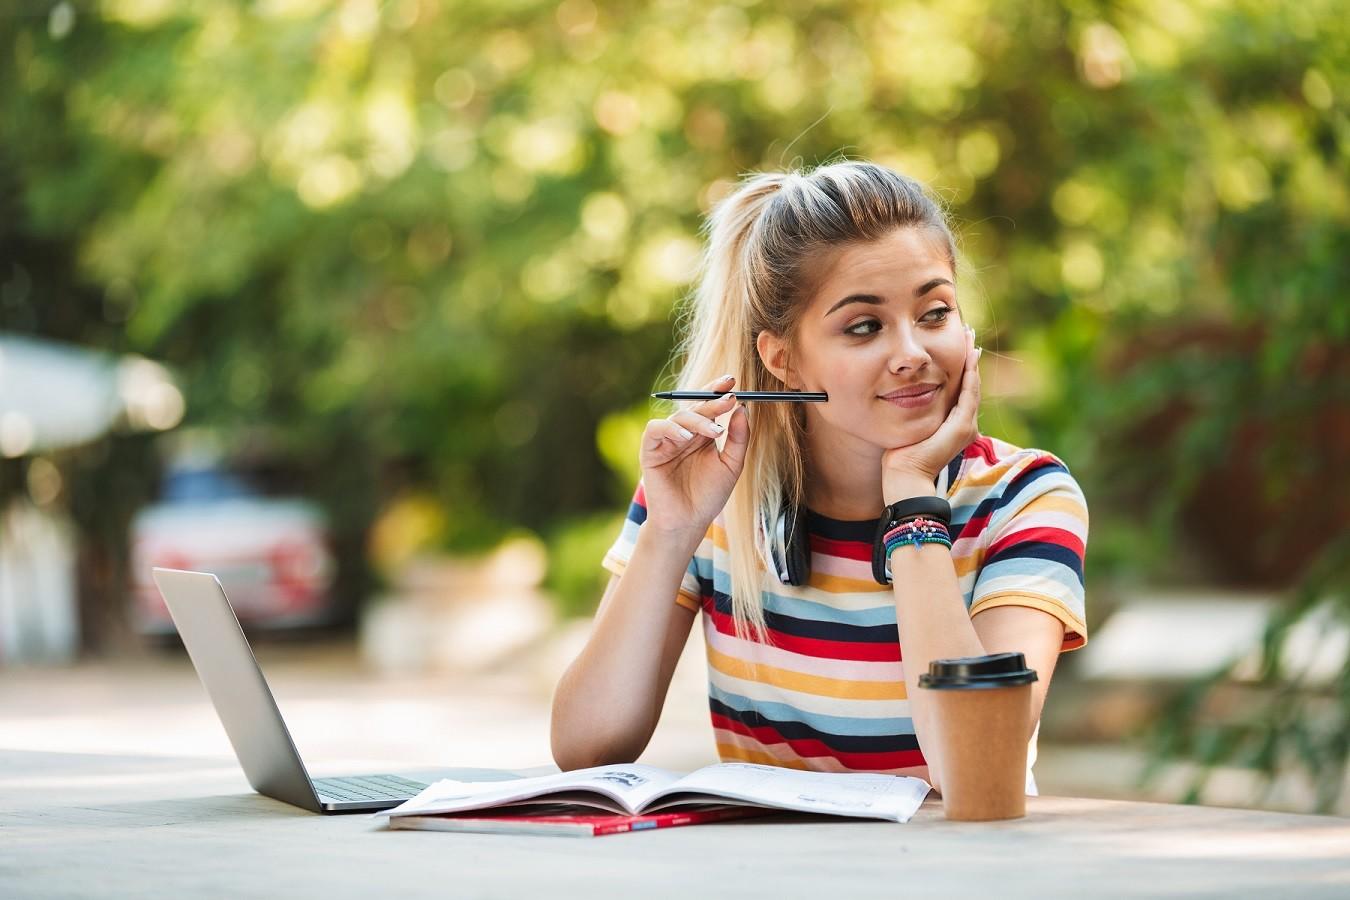 Языковая школа или лагерь: что выбрать на лето?